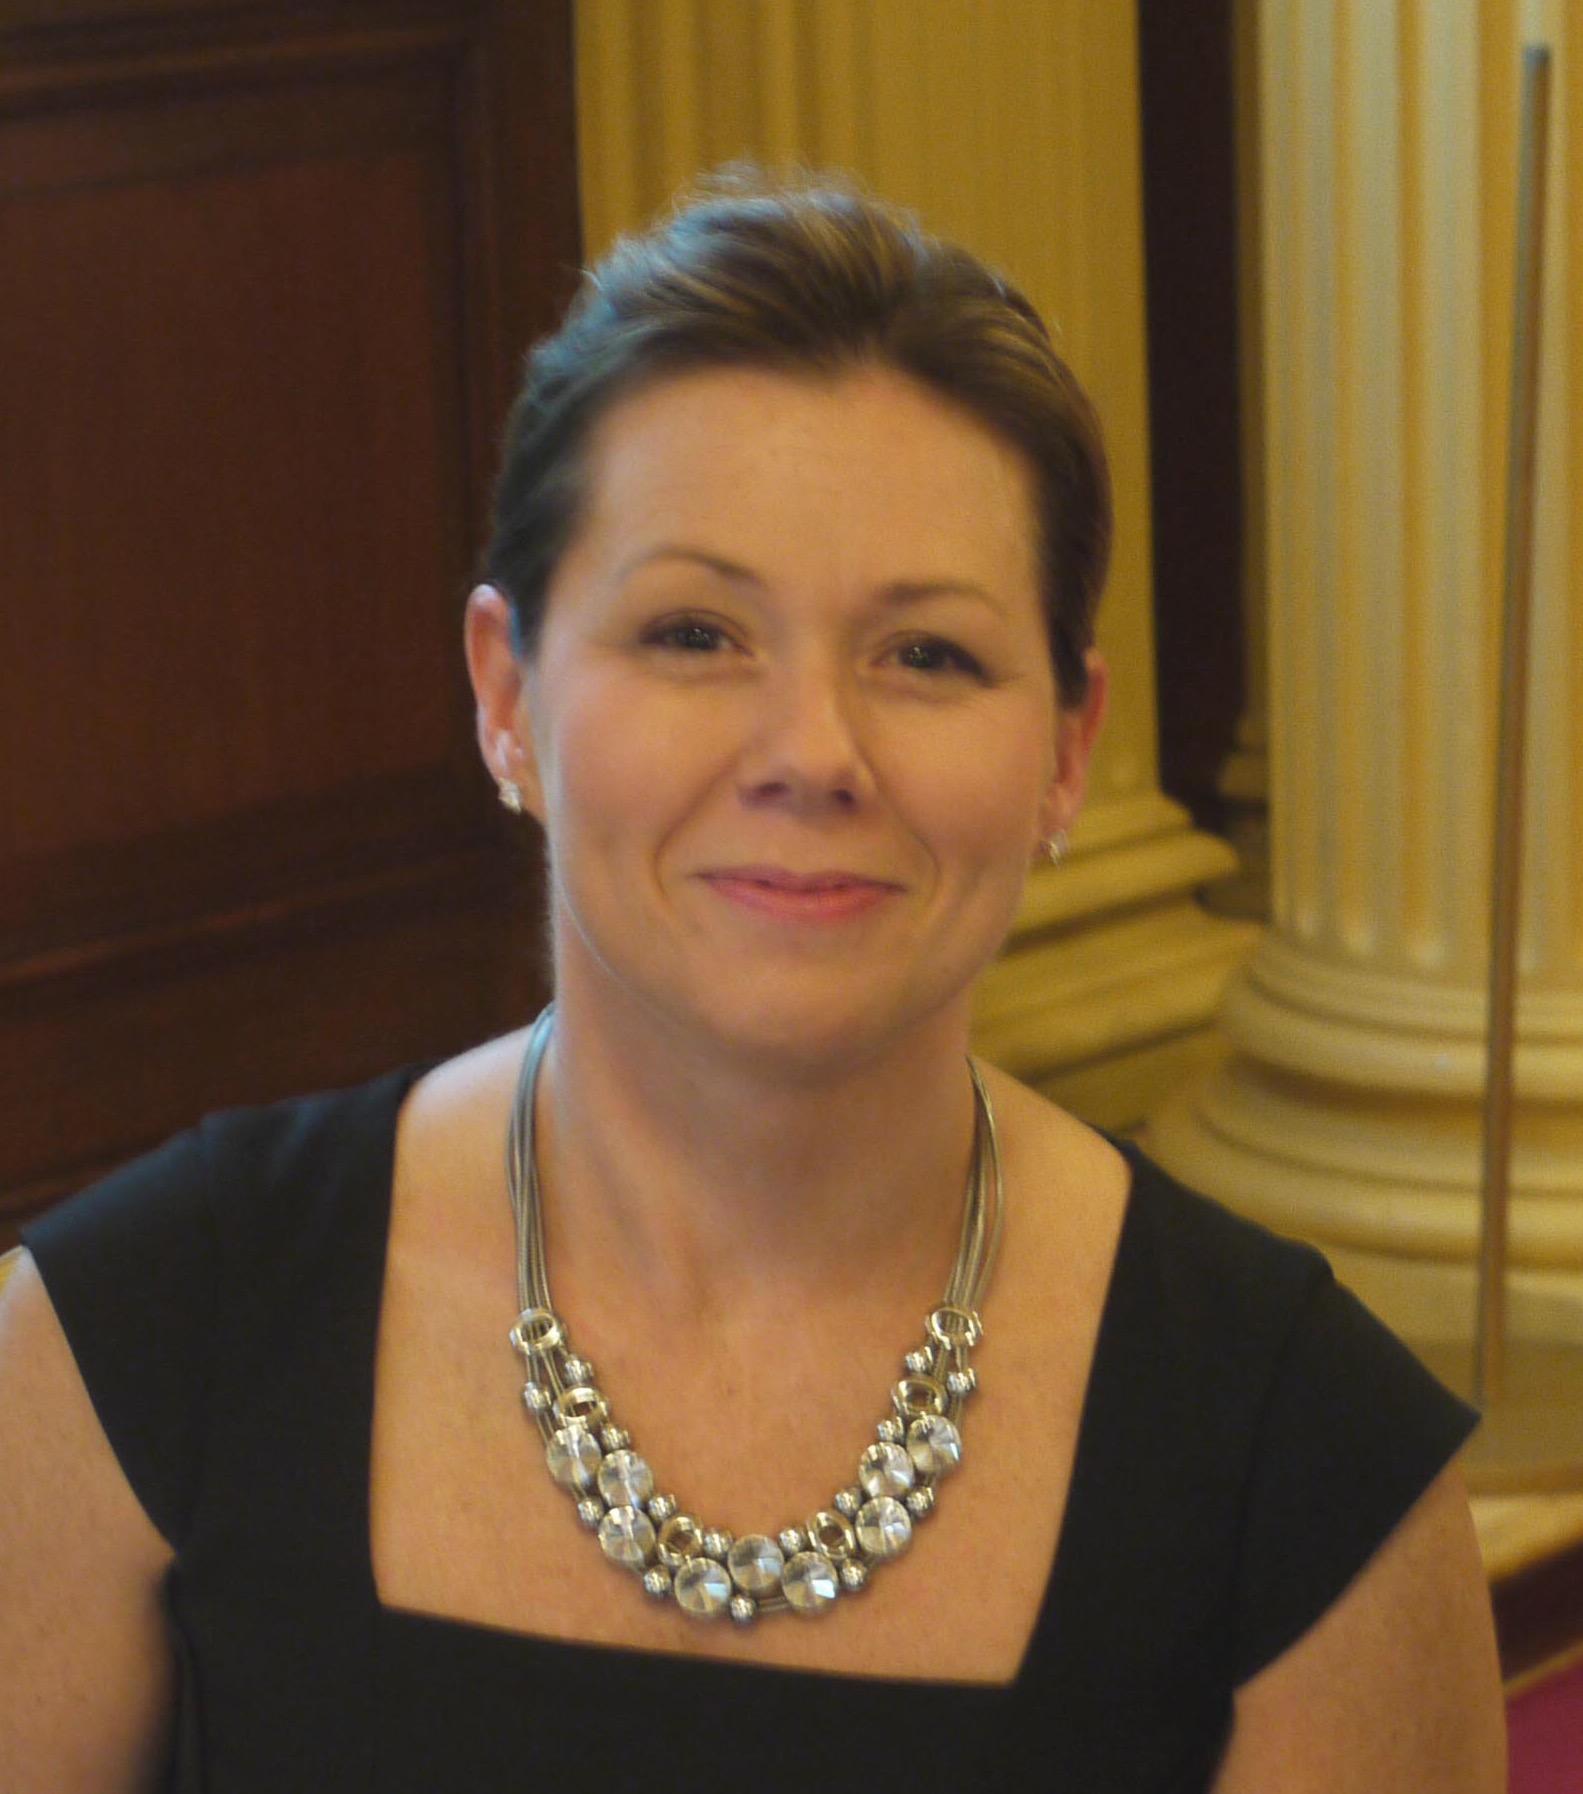 Michelle McKinley